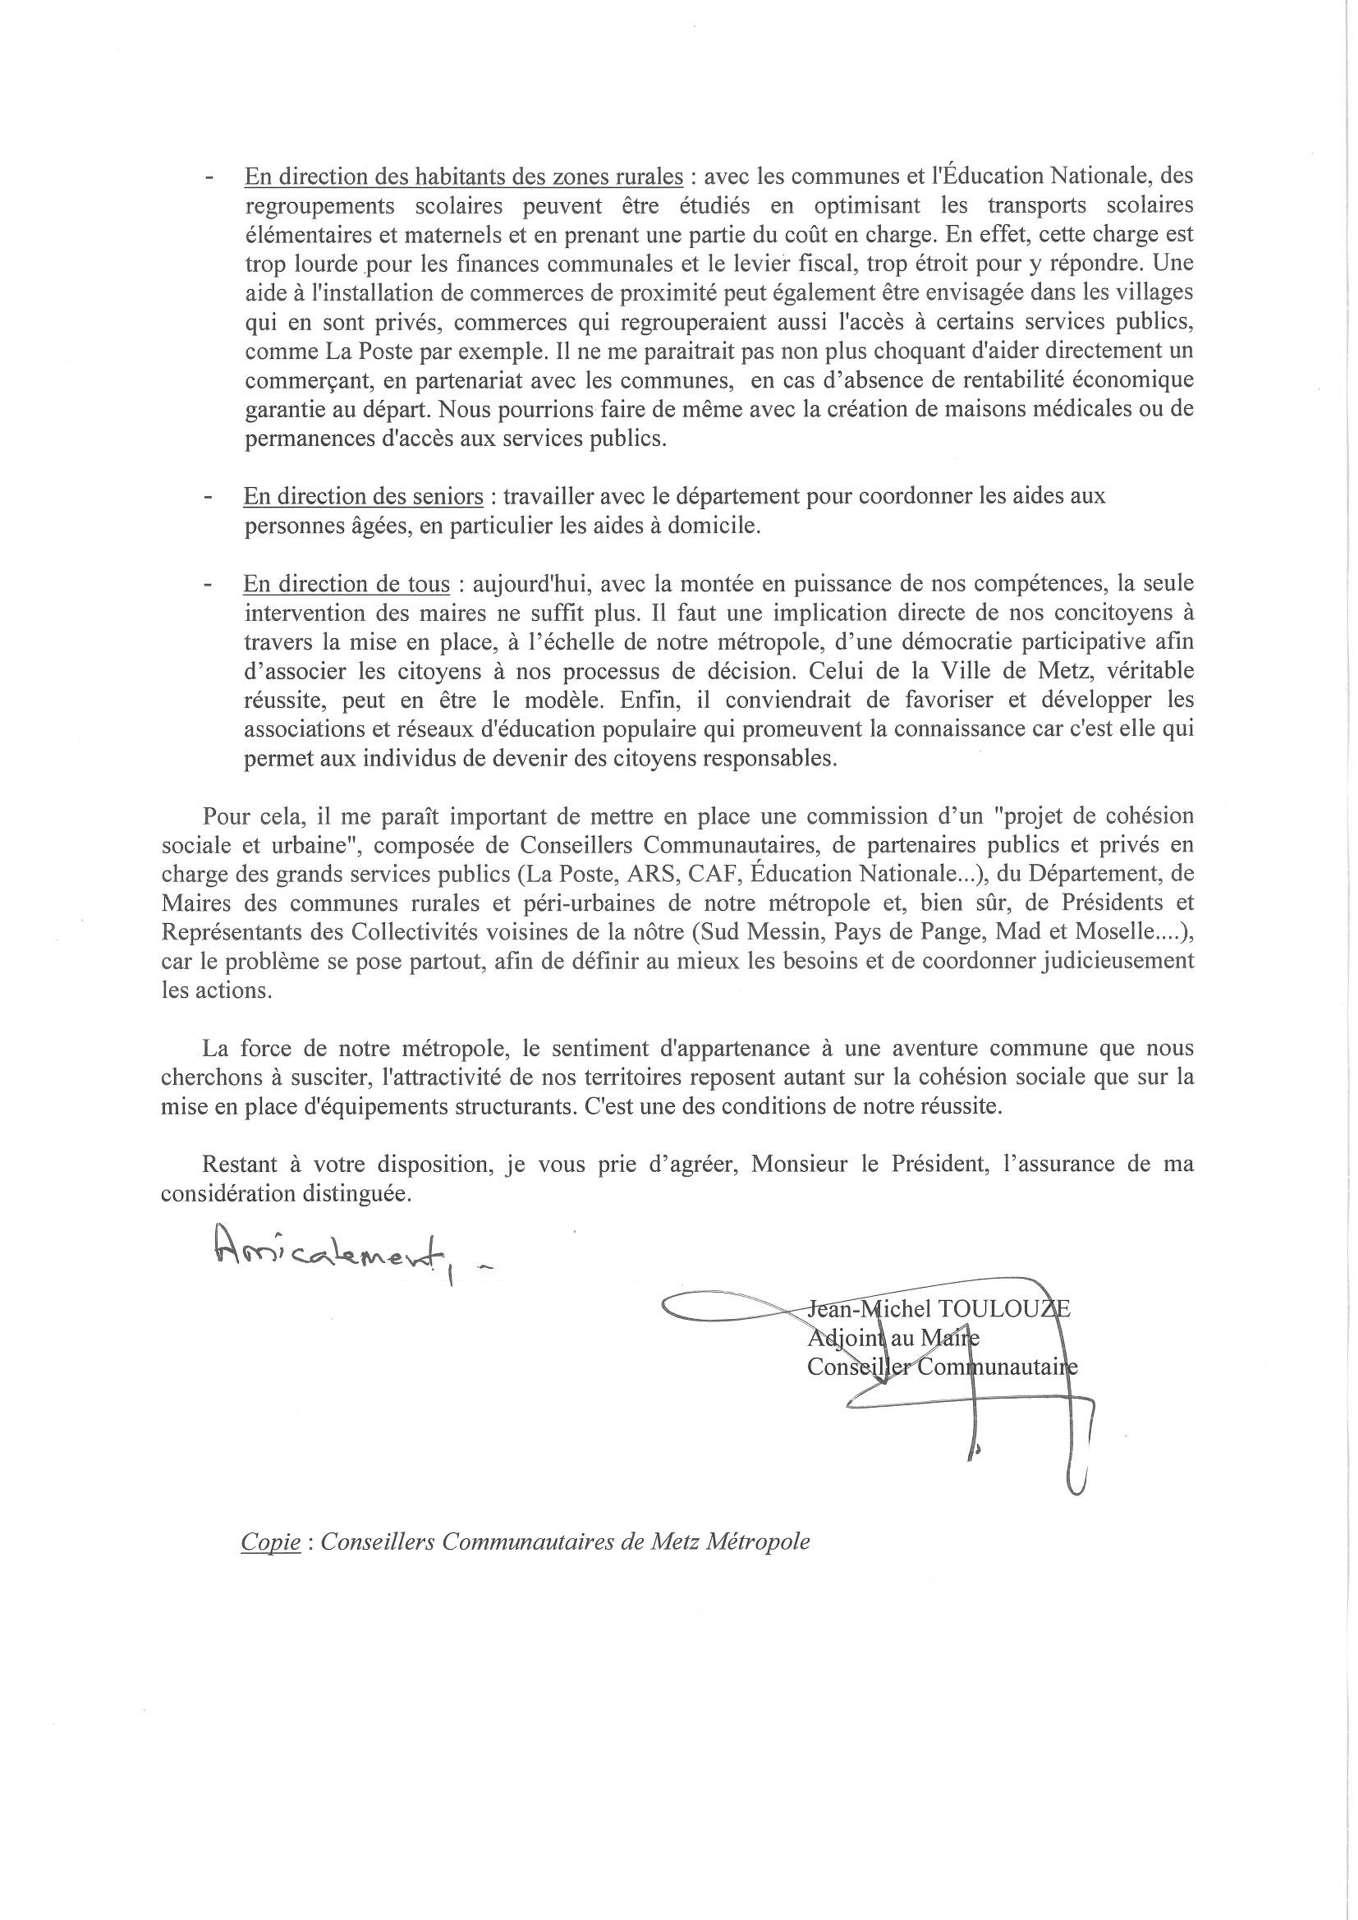 Candidat Ps   Comment Faire R U00eaver Les  U00e9lecteurs Tout En